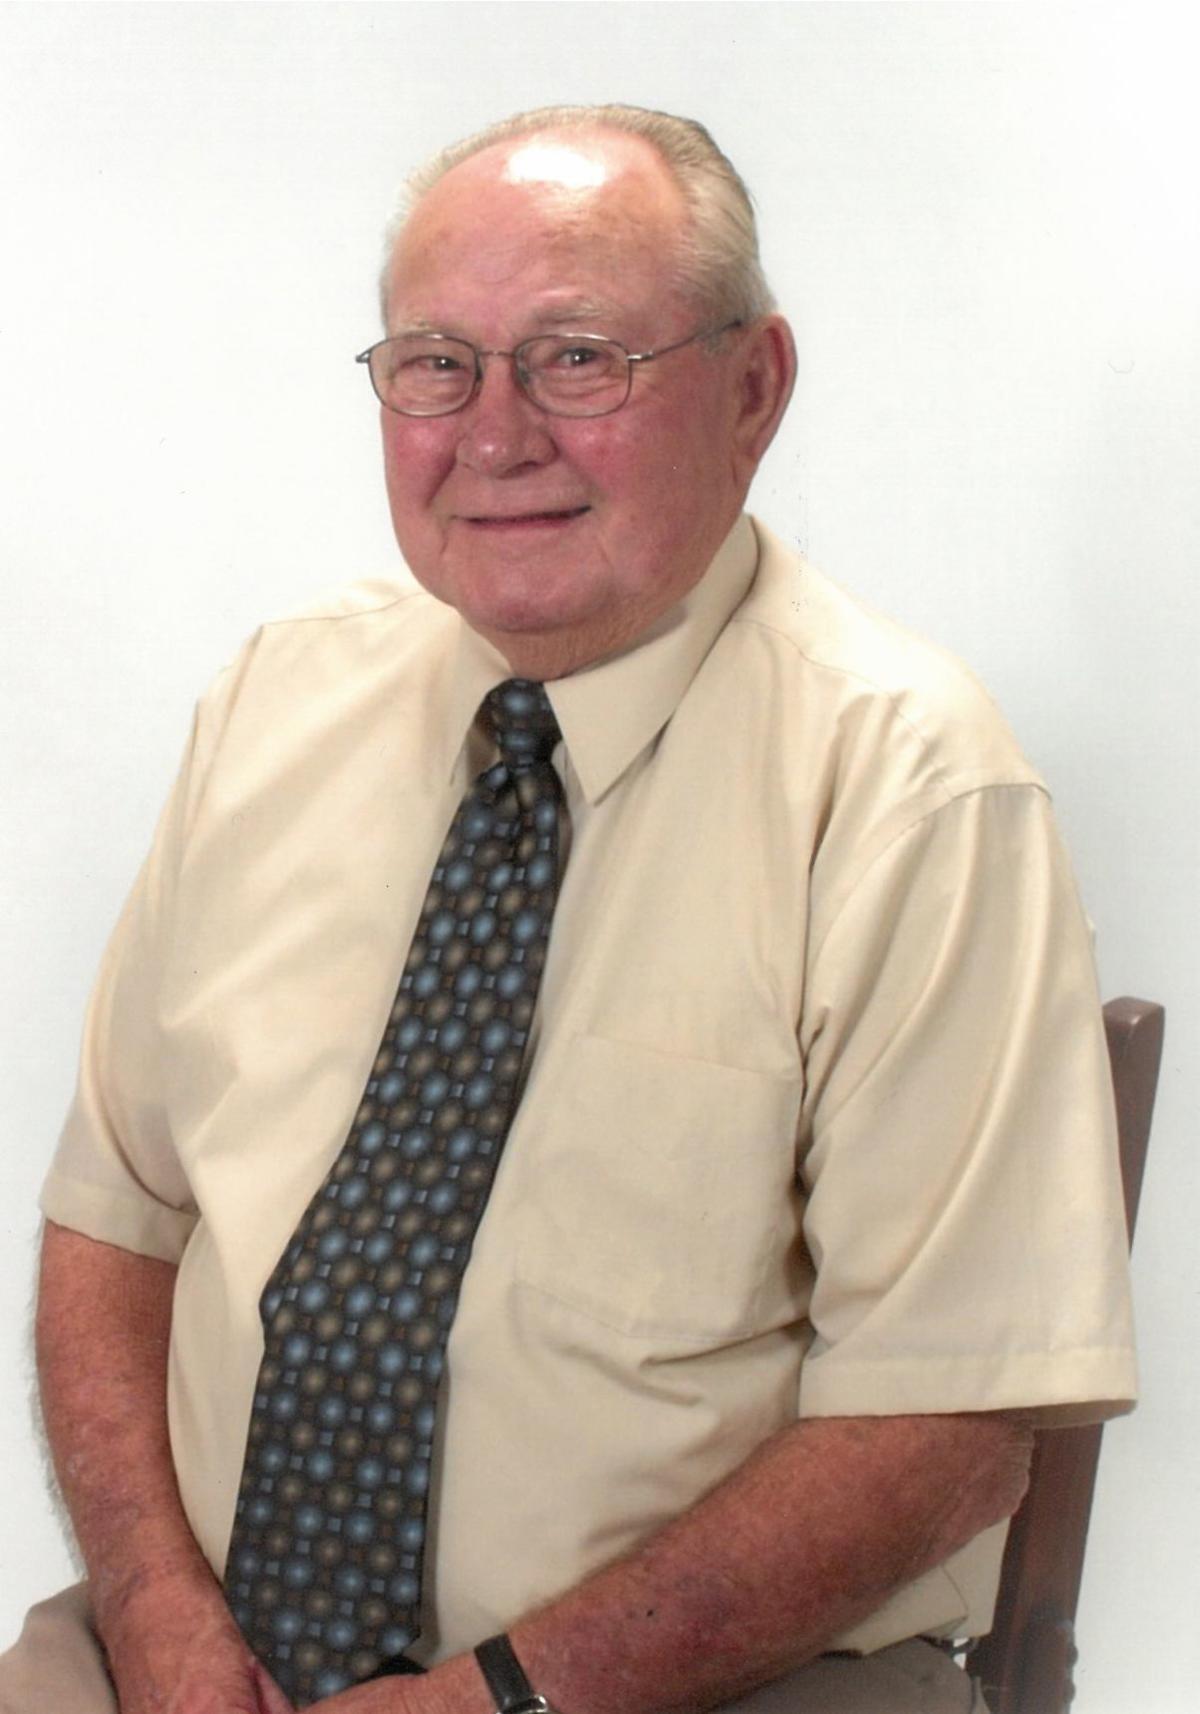 Kenneth L. Beinhorn